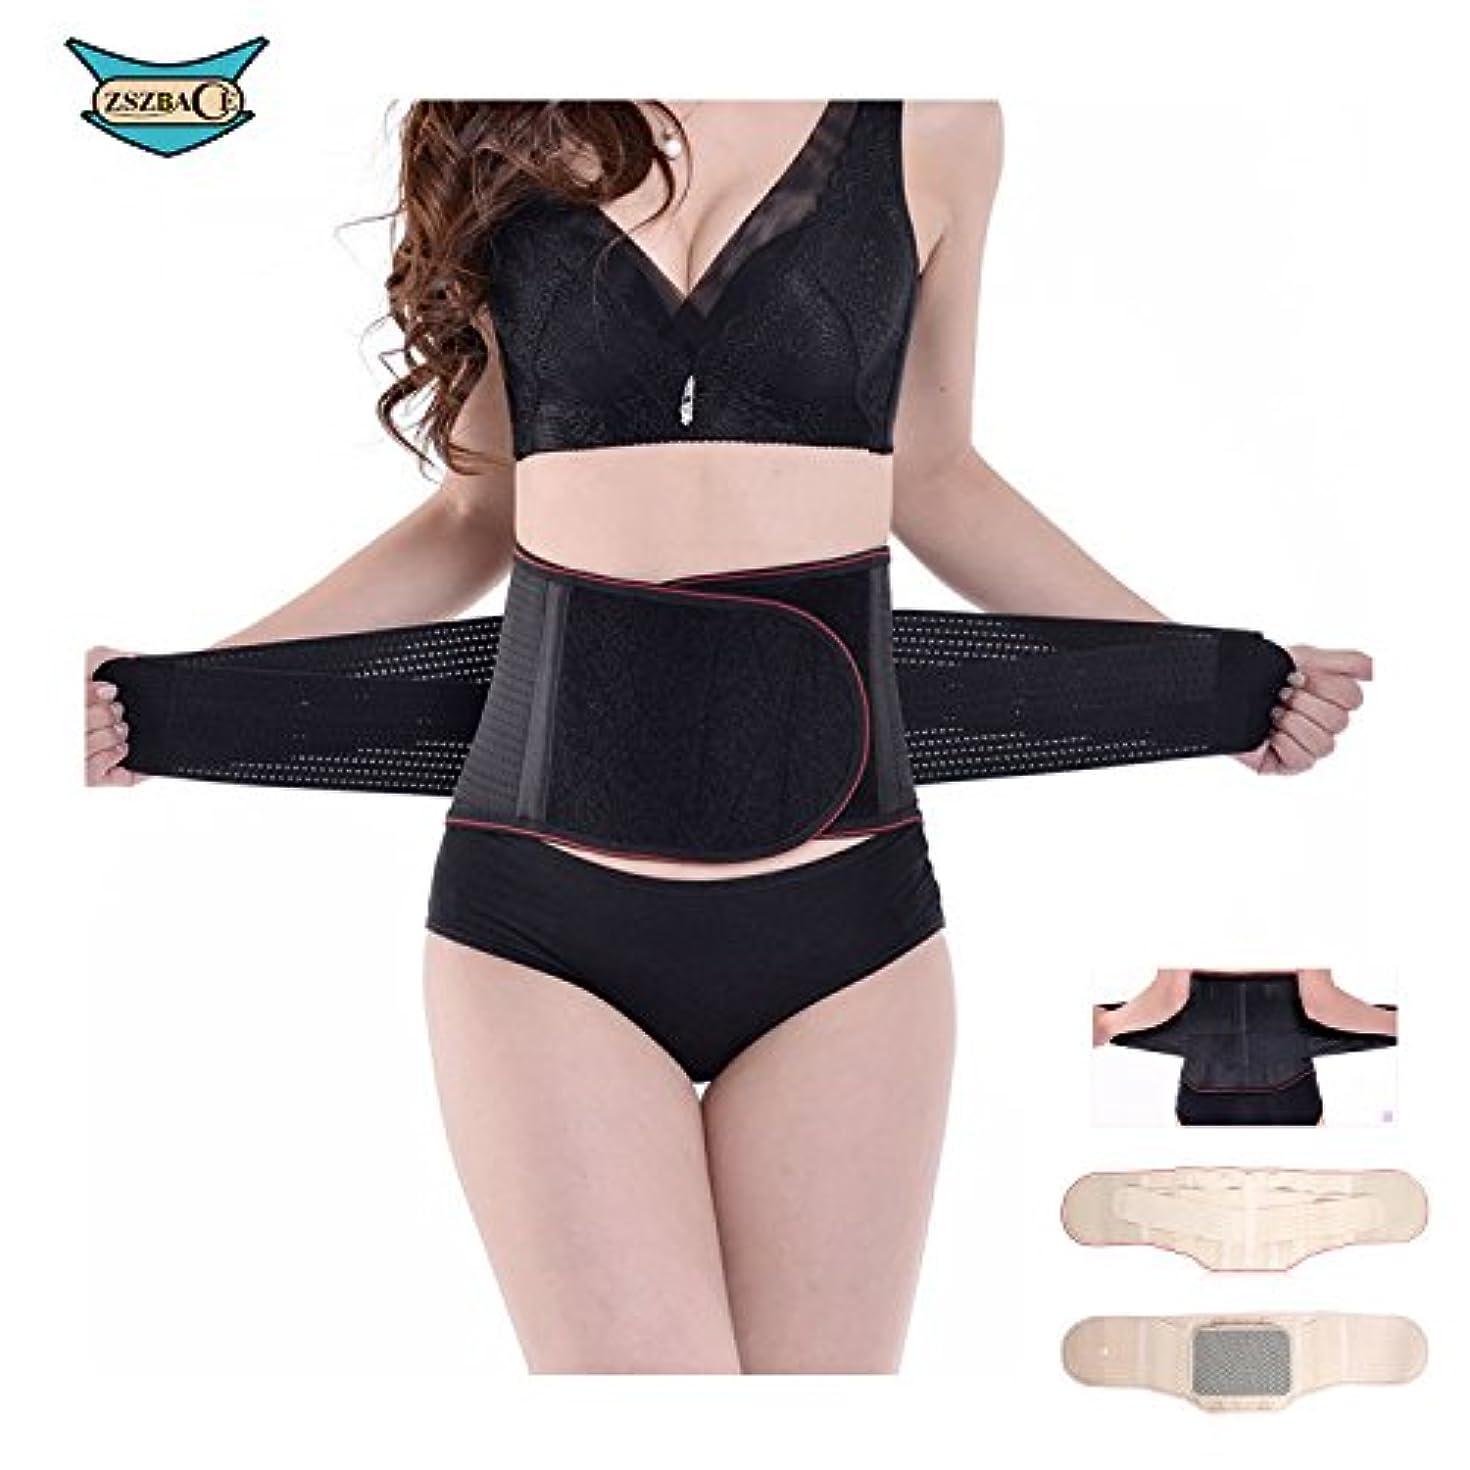 であること衝動スクラップ温熱サポーター 骨盤補正ベルト 腰痛ベルト 天然高密度コットン使用で肌触り良好 超弾性ボーンが腰椎を正しい位置へ導きます (M=(53cm-73cm))